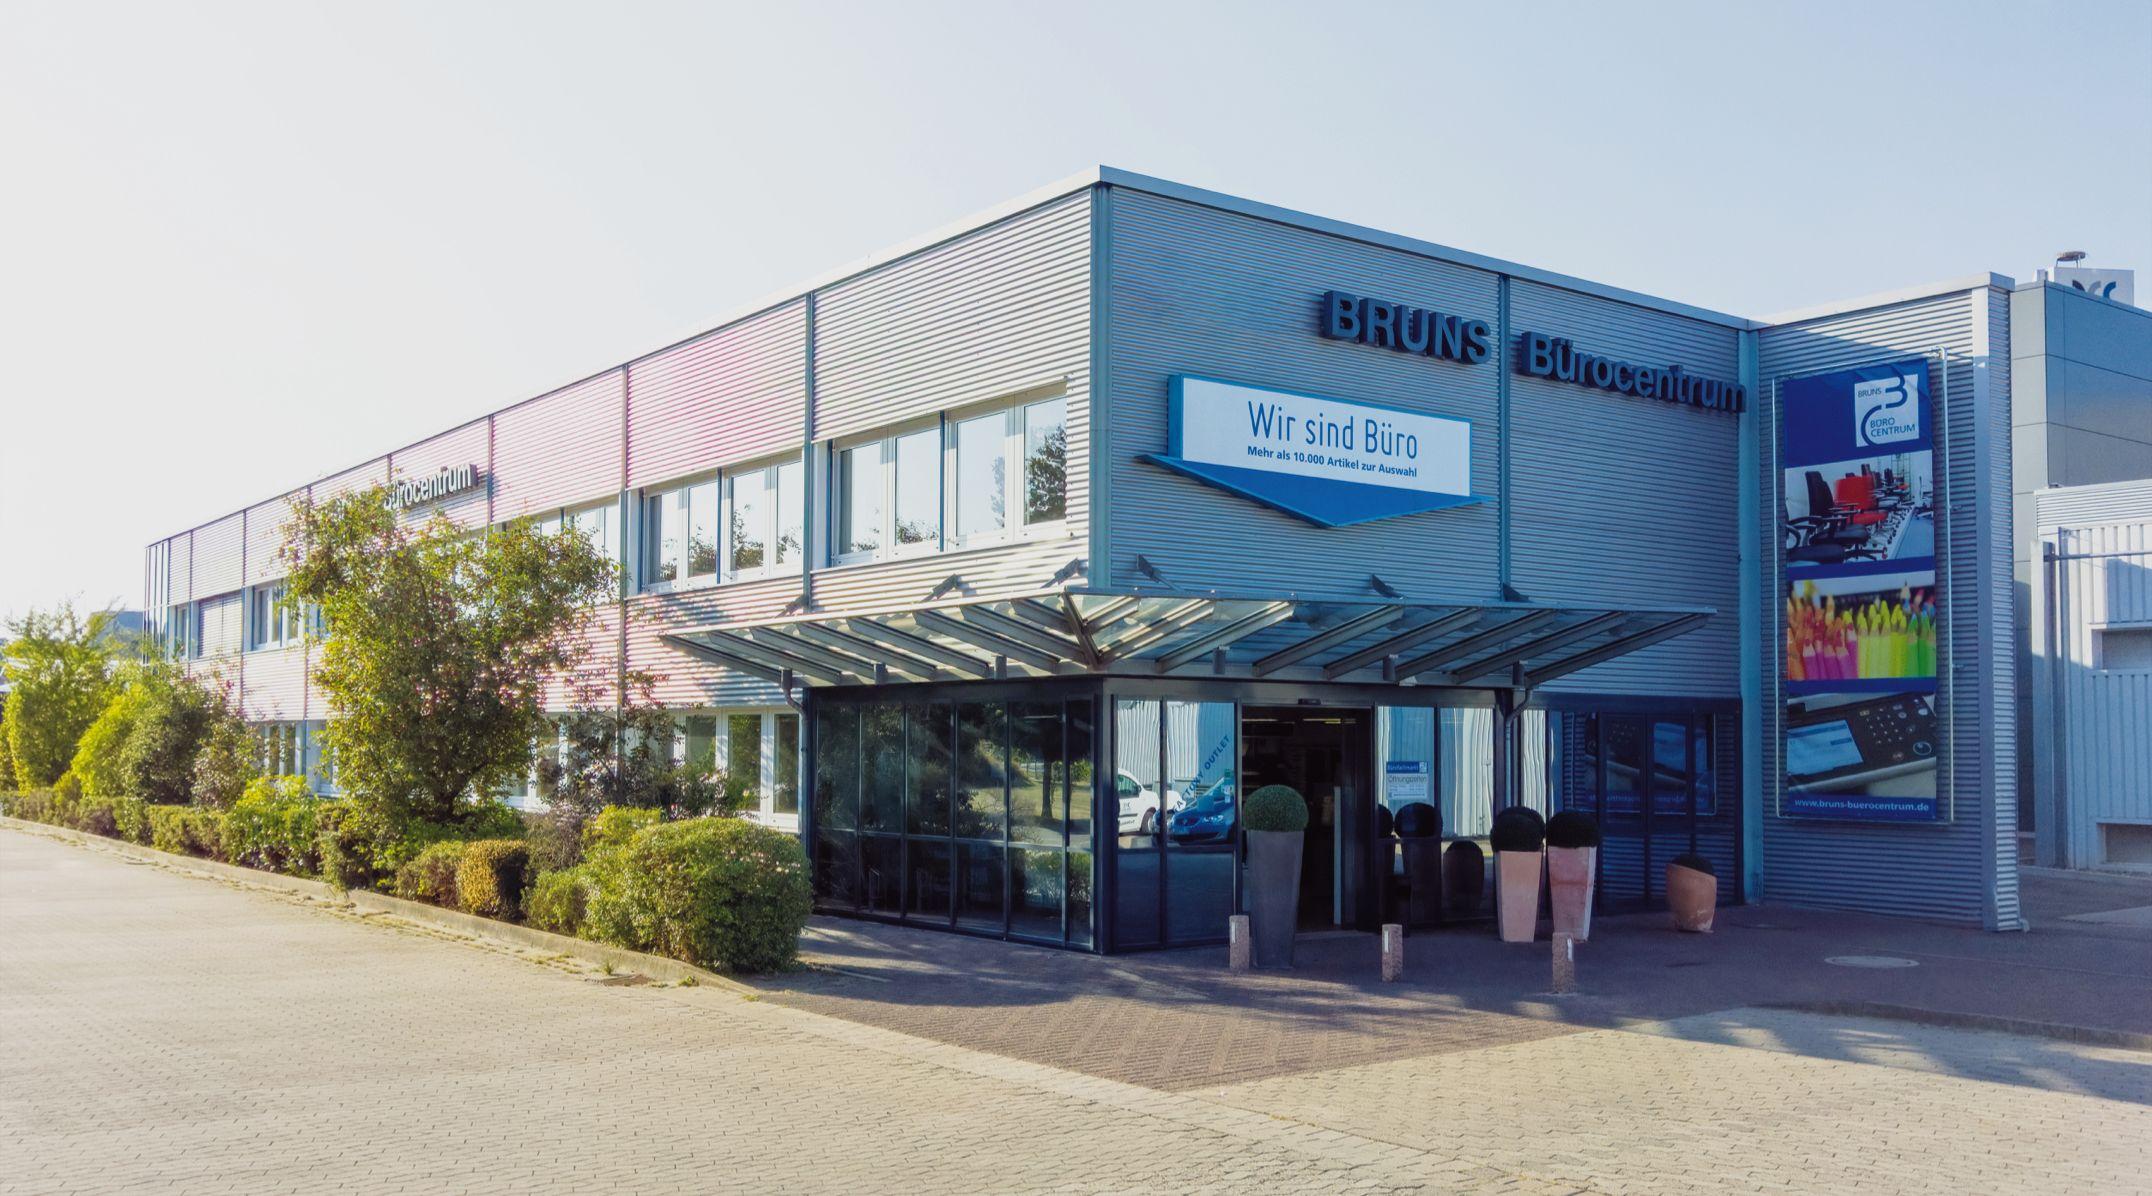 Bruns Bürocentrum